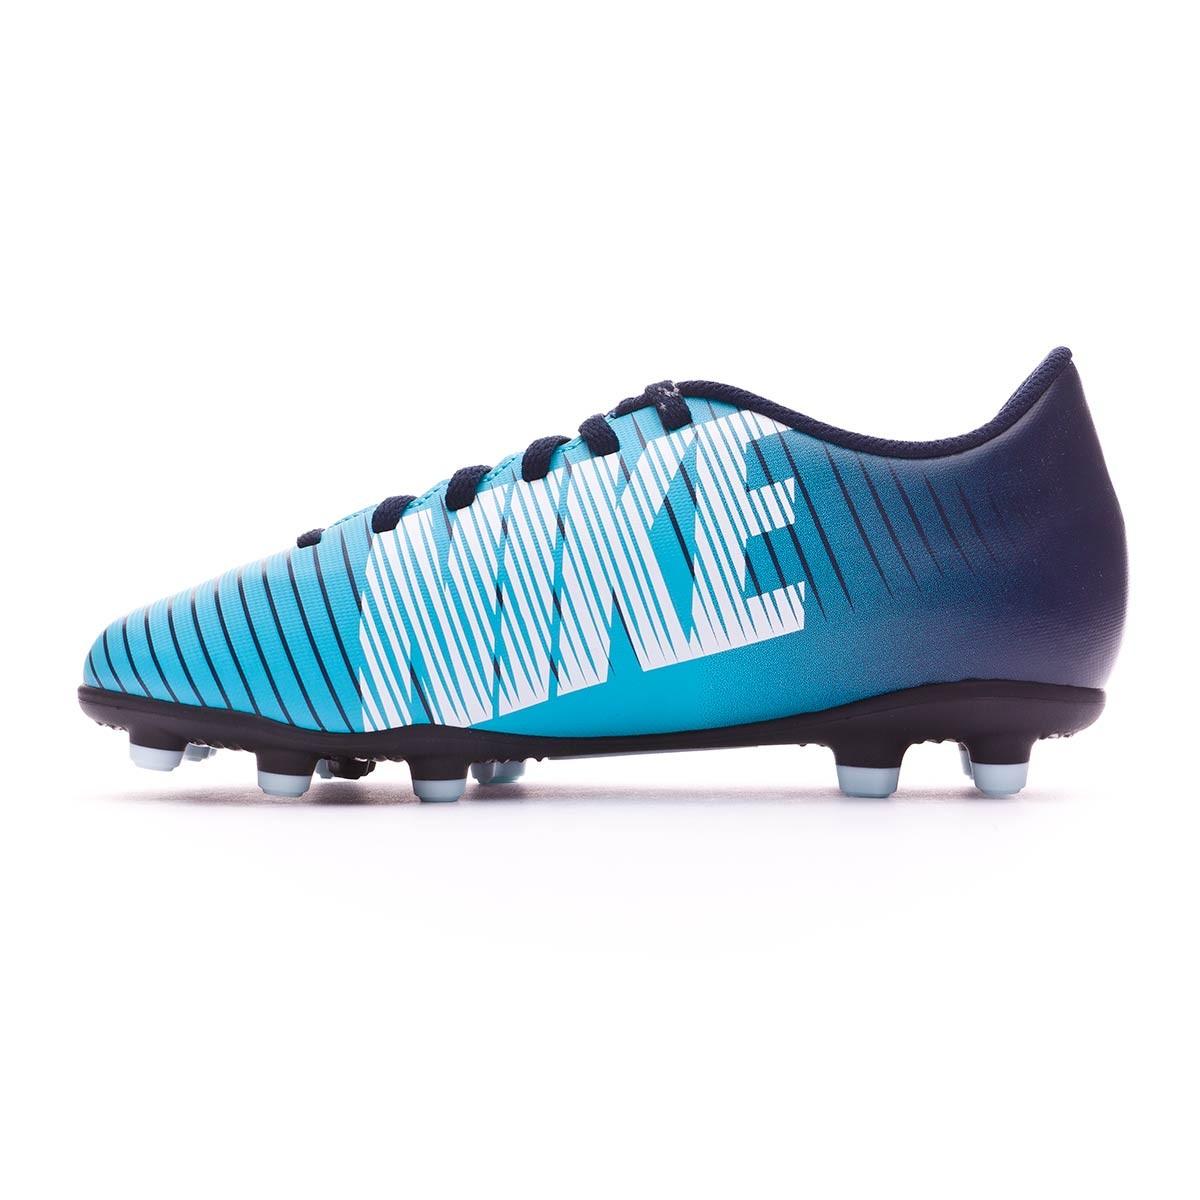 af4acf3da49 Football Boots Nike Jr Mercurial Vortex III FG Obsidian-White-Gamma blue -  Tienda de fútbol Fútbol Emotion